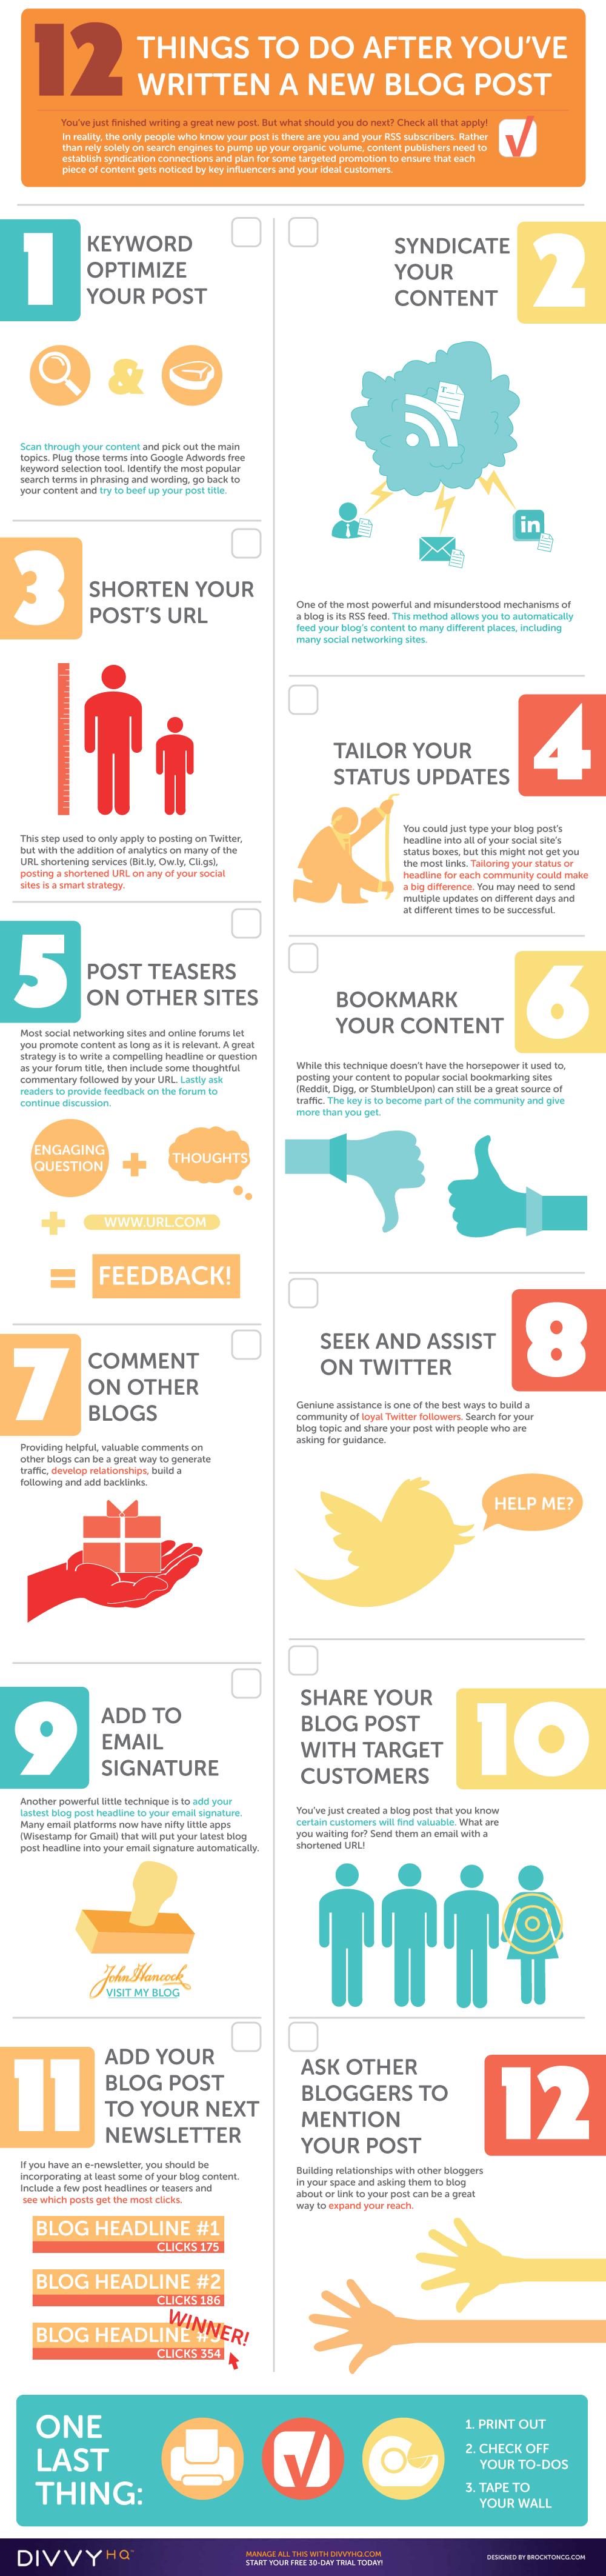 12 cosas que debes hacer después de haber escrito una entrada / artículo en tu blog